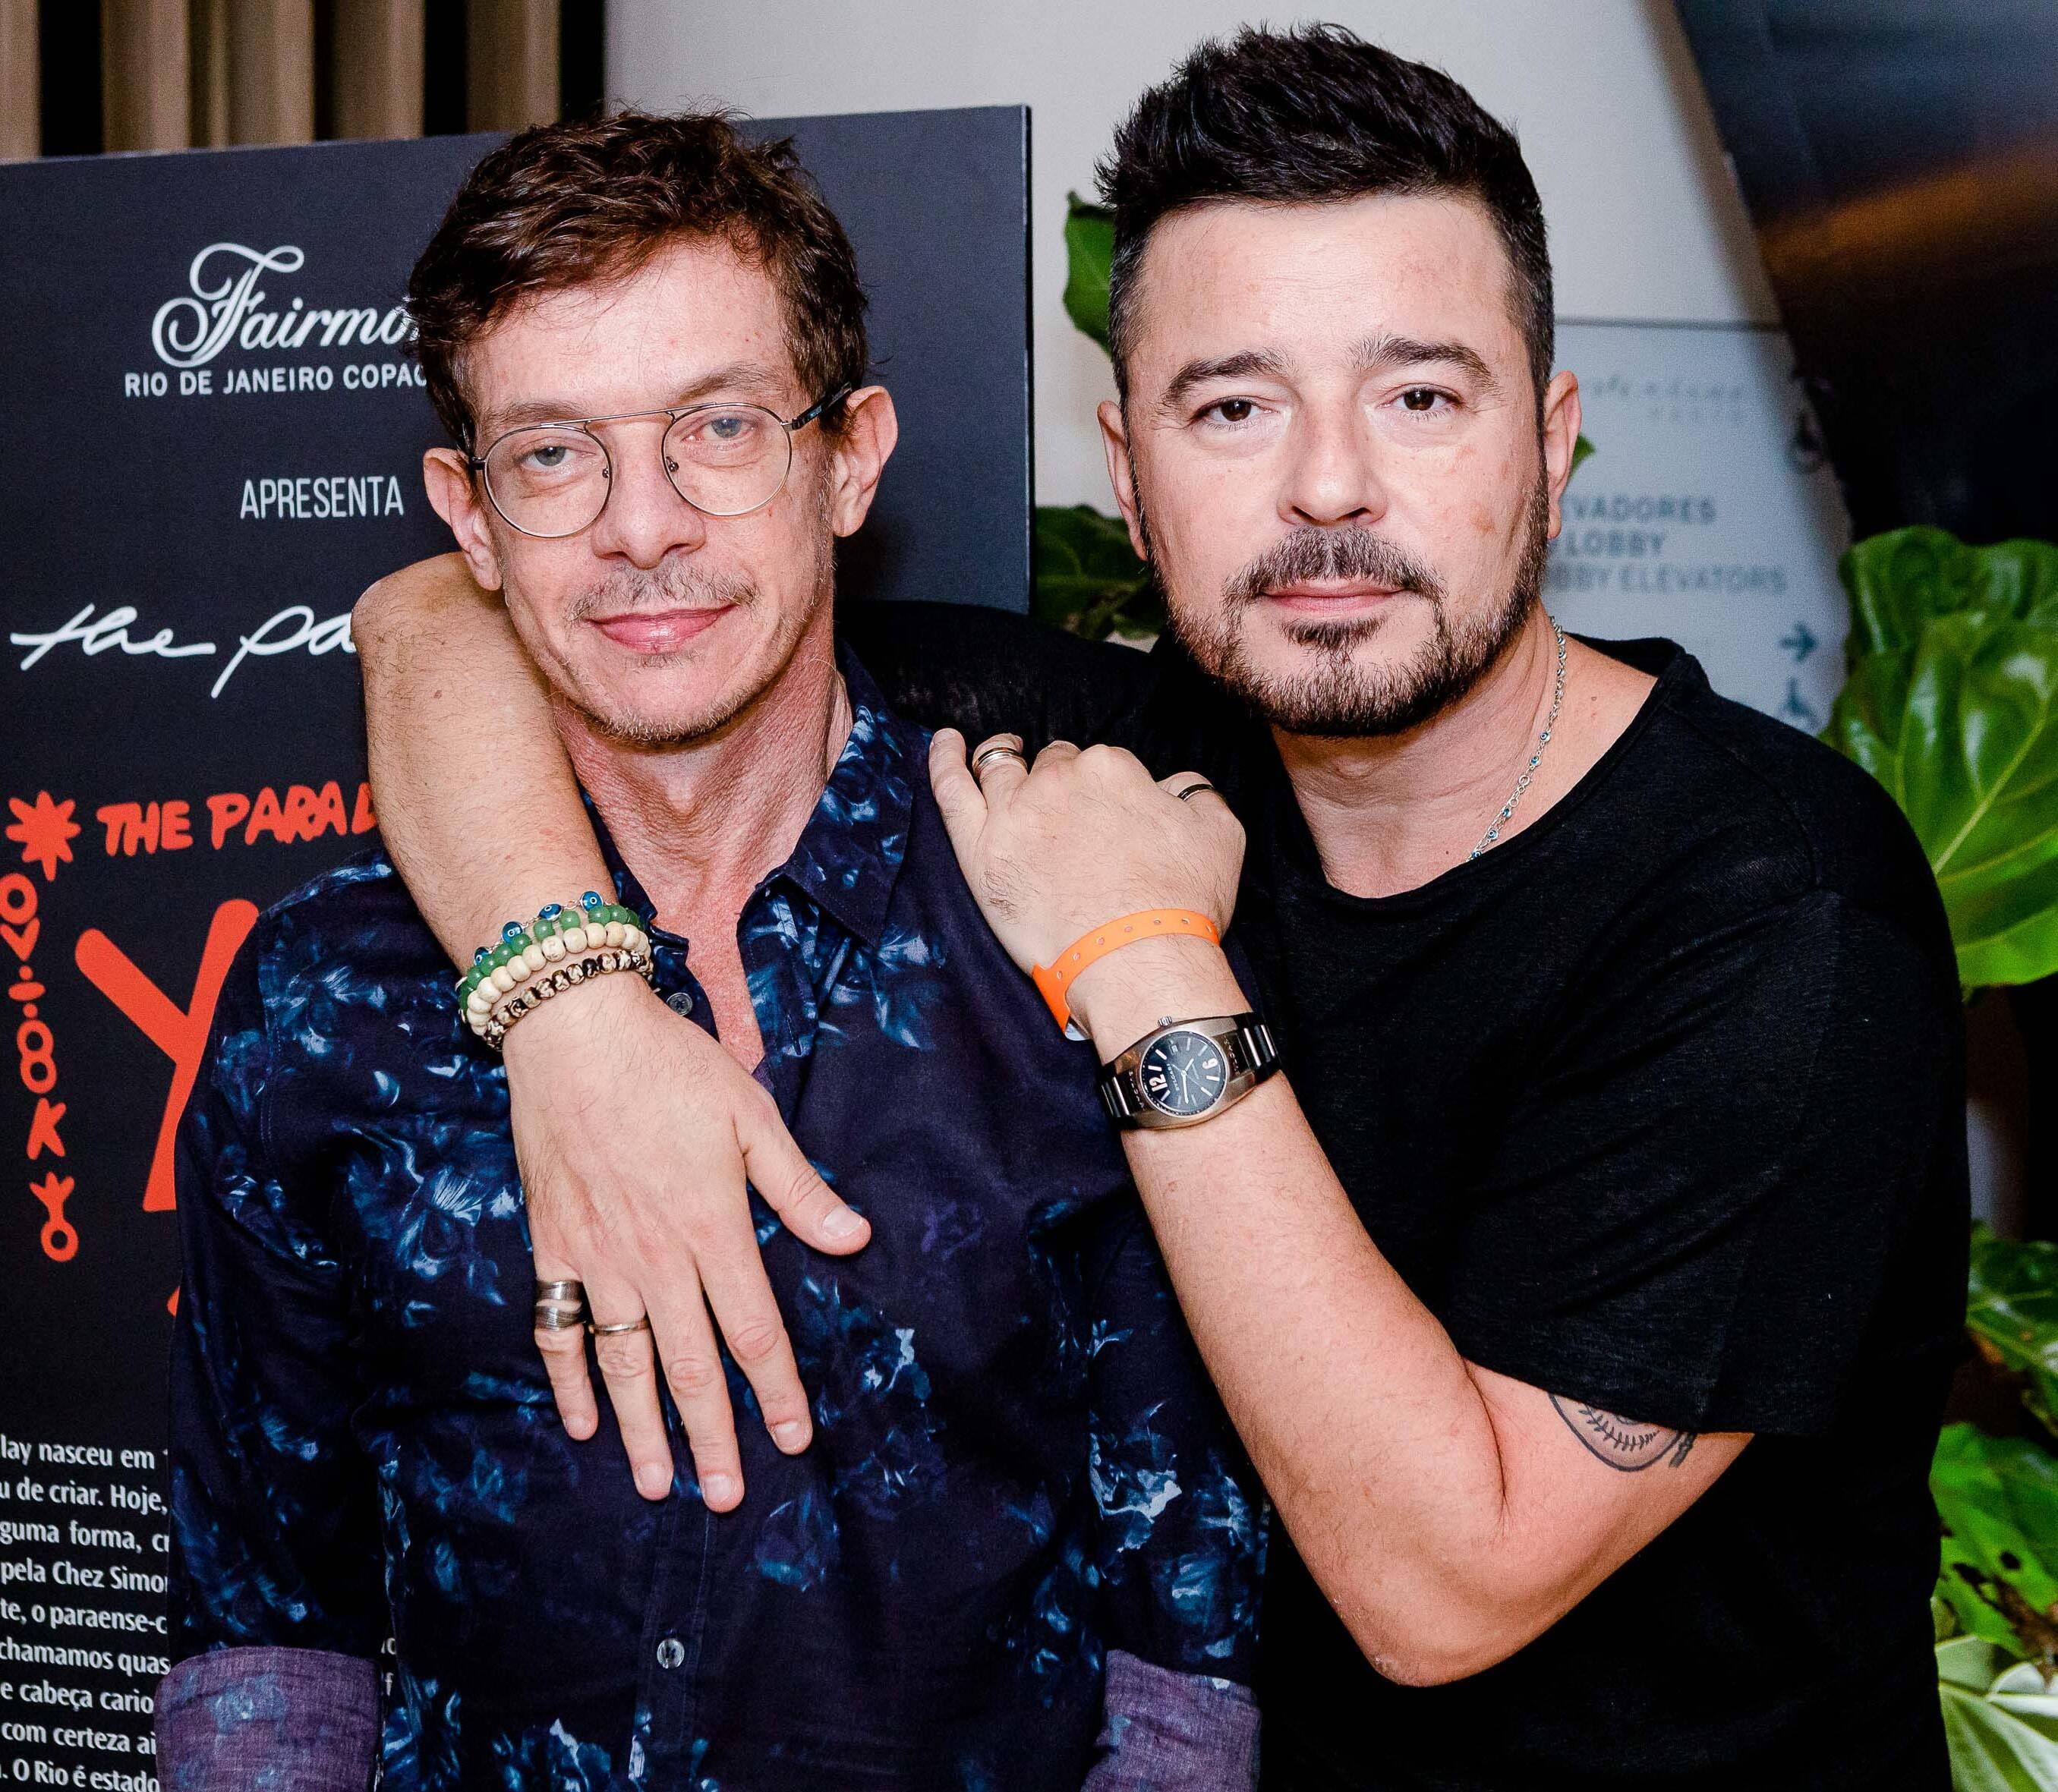 André Piva e Carlos Tufvesson /Foto: Bruno Ryfer